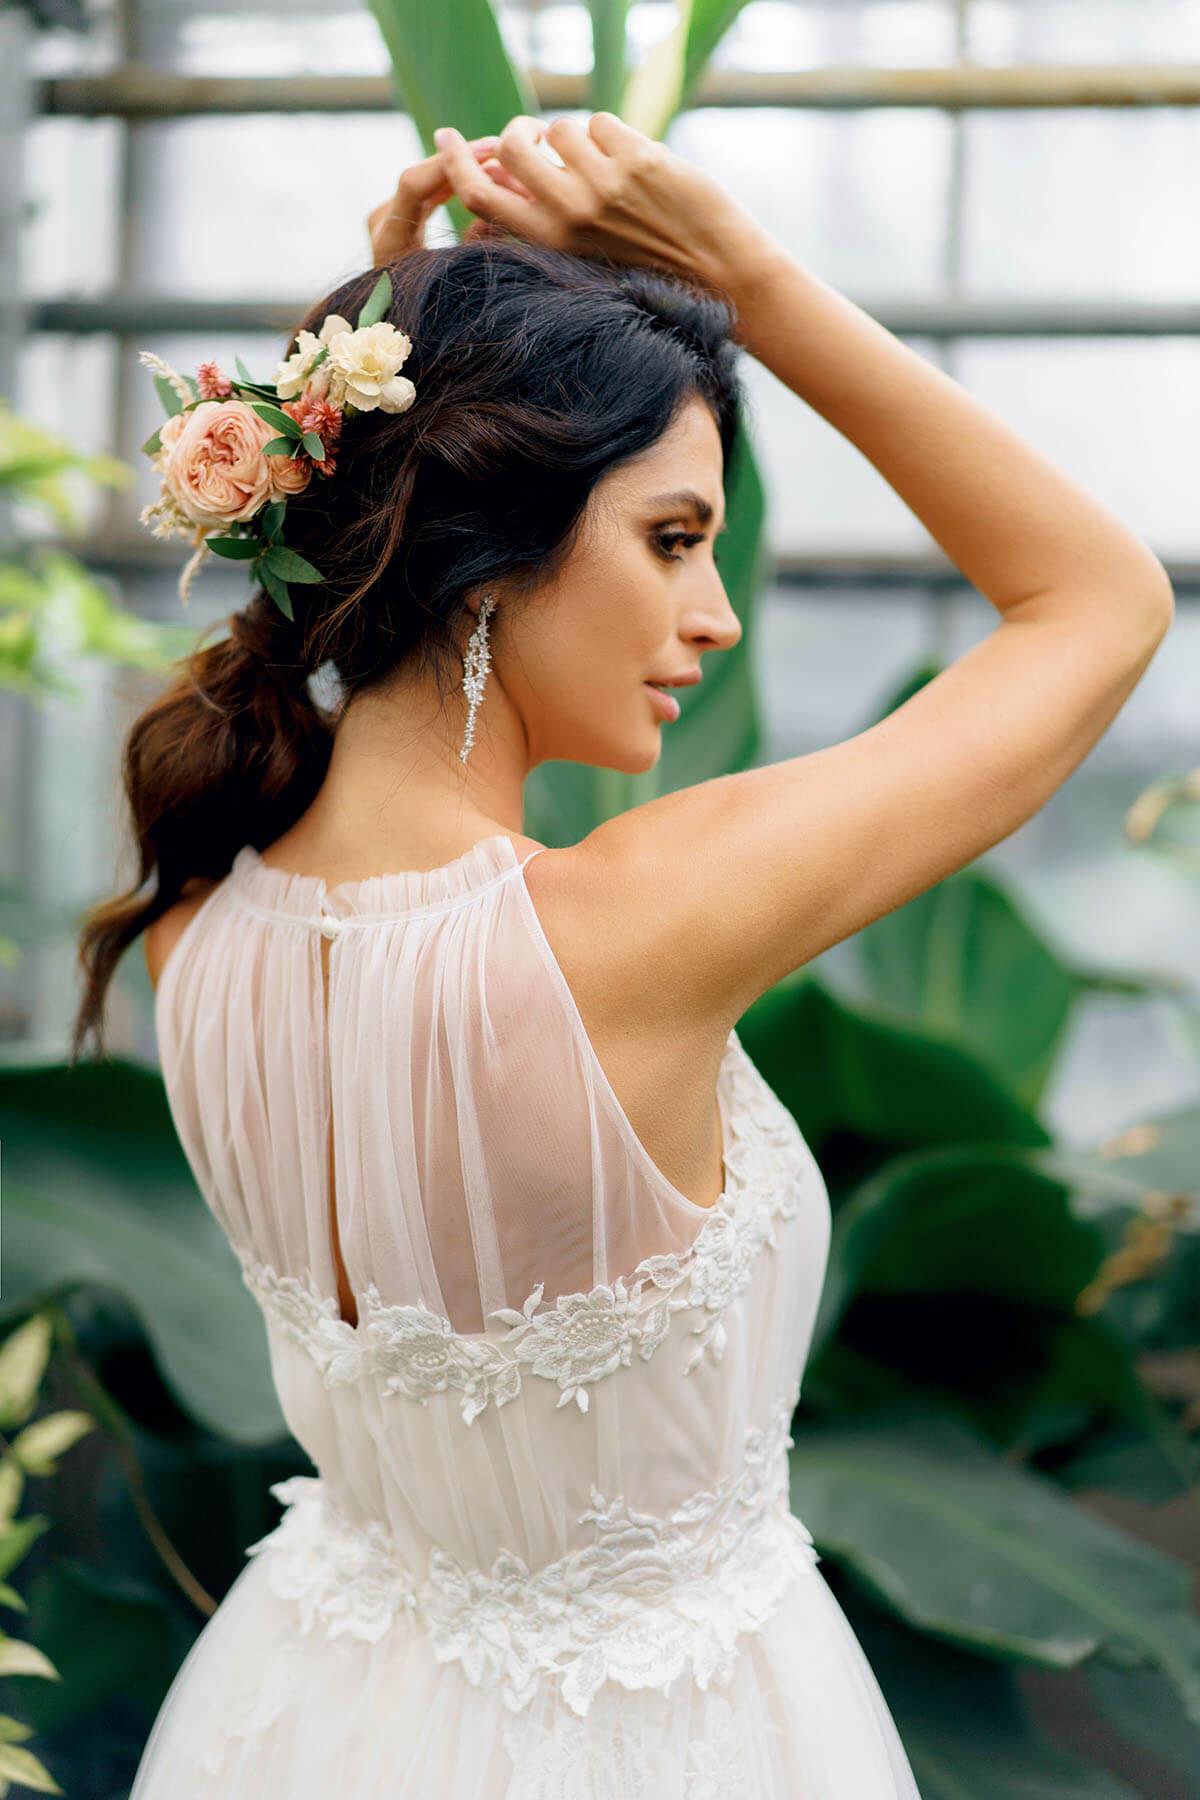 1 500 Zl Sprzedam Zjawiskowa Suknie Slubna Firmy Agnes Kolor Ecru Model Z Tego Roku 15215 Kup Wedding Dresses Dreamy Wedding Dress Wedding Dress Inspiration